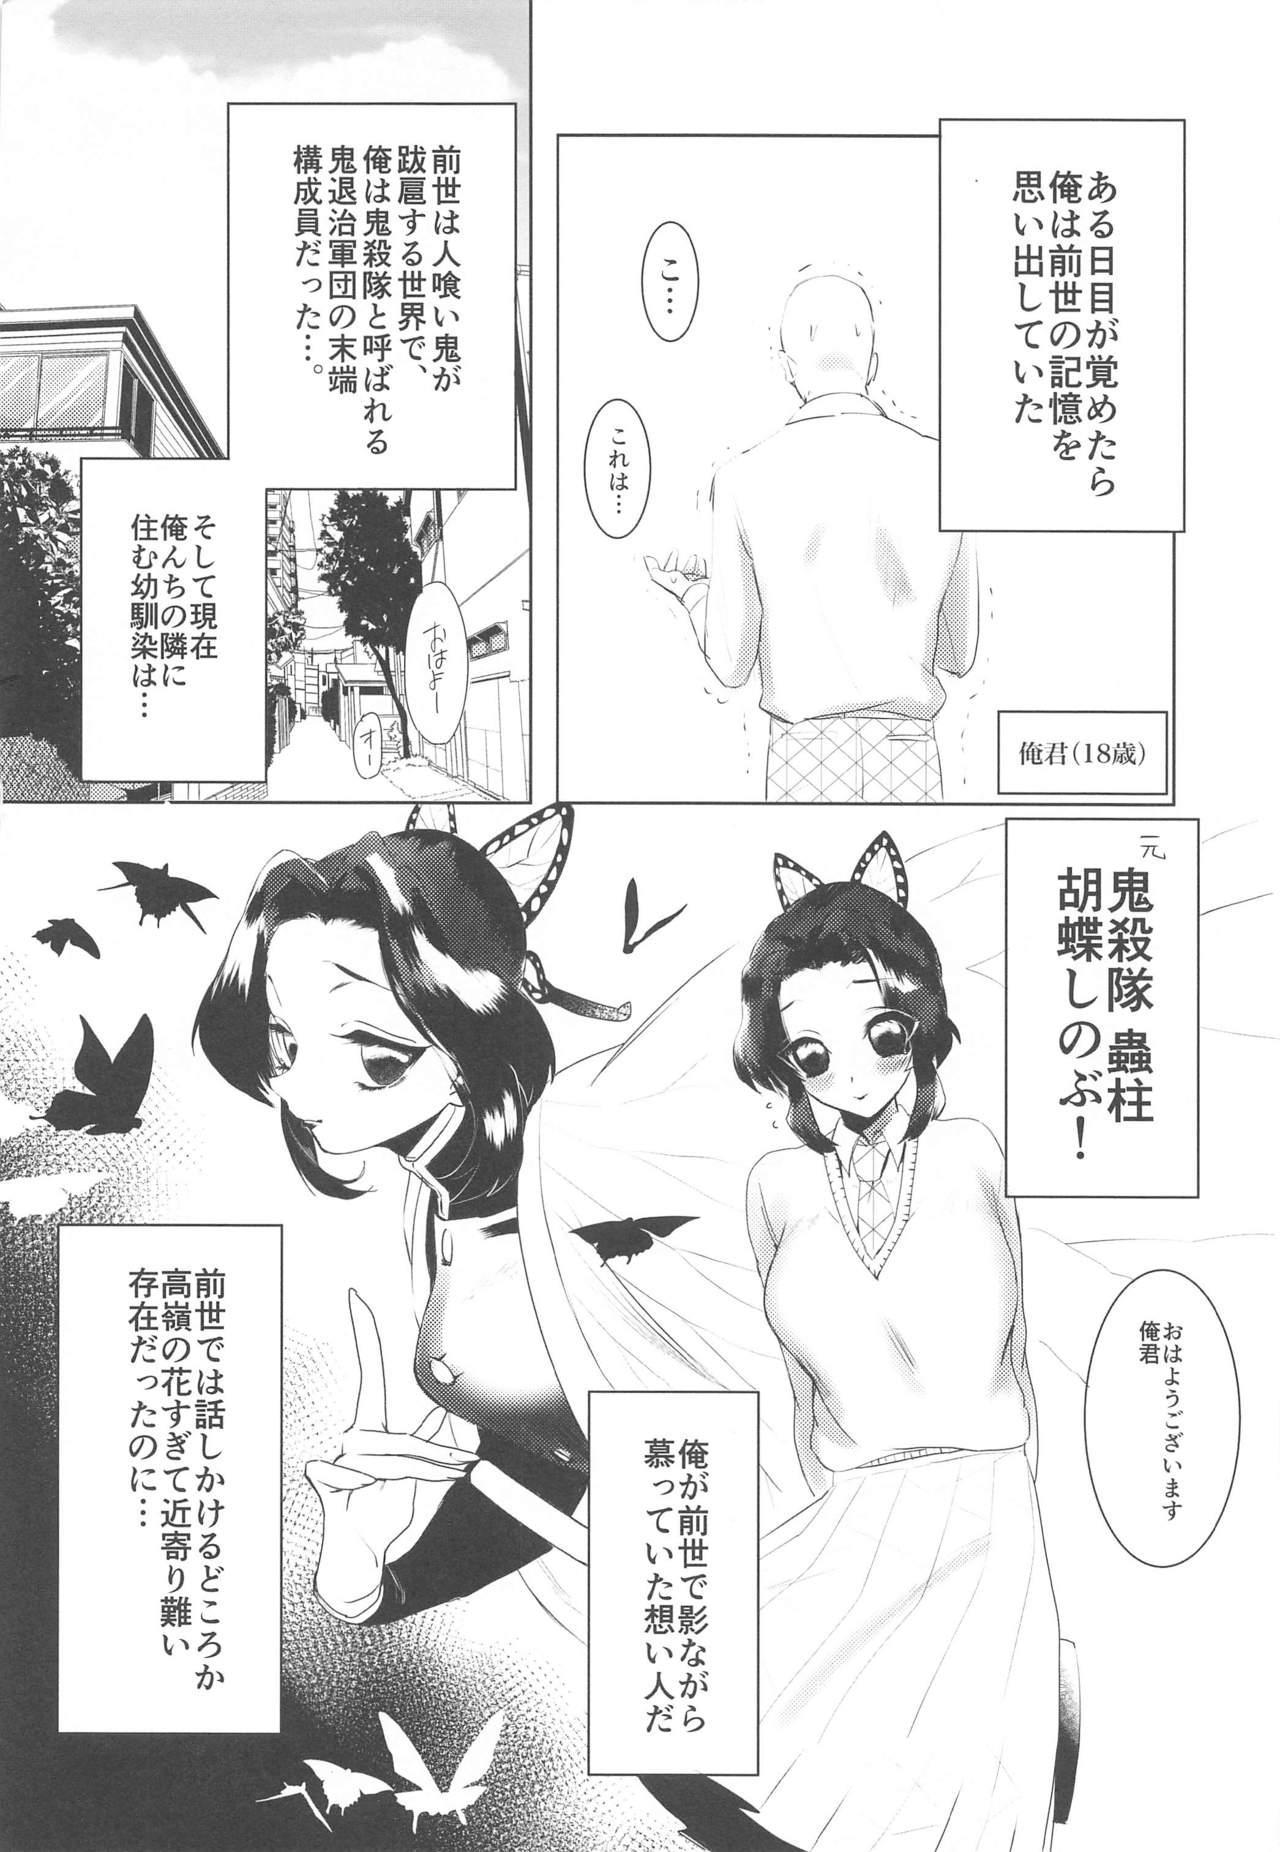 Watashi, Kono Hito ni Otosaremashita. 2